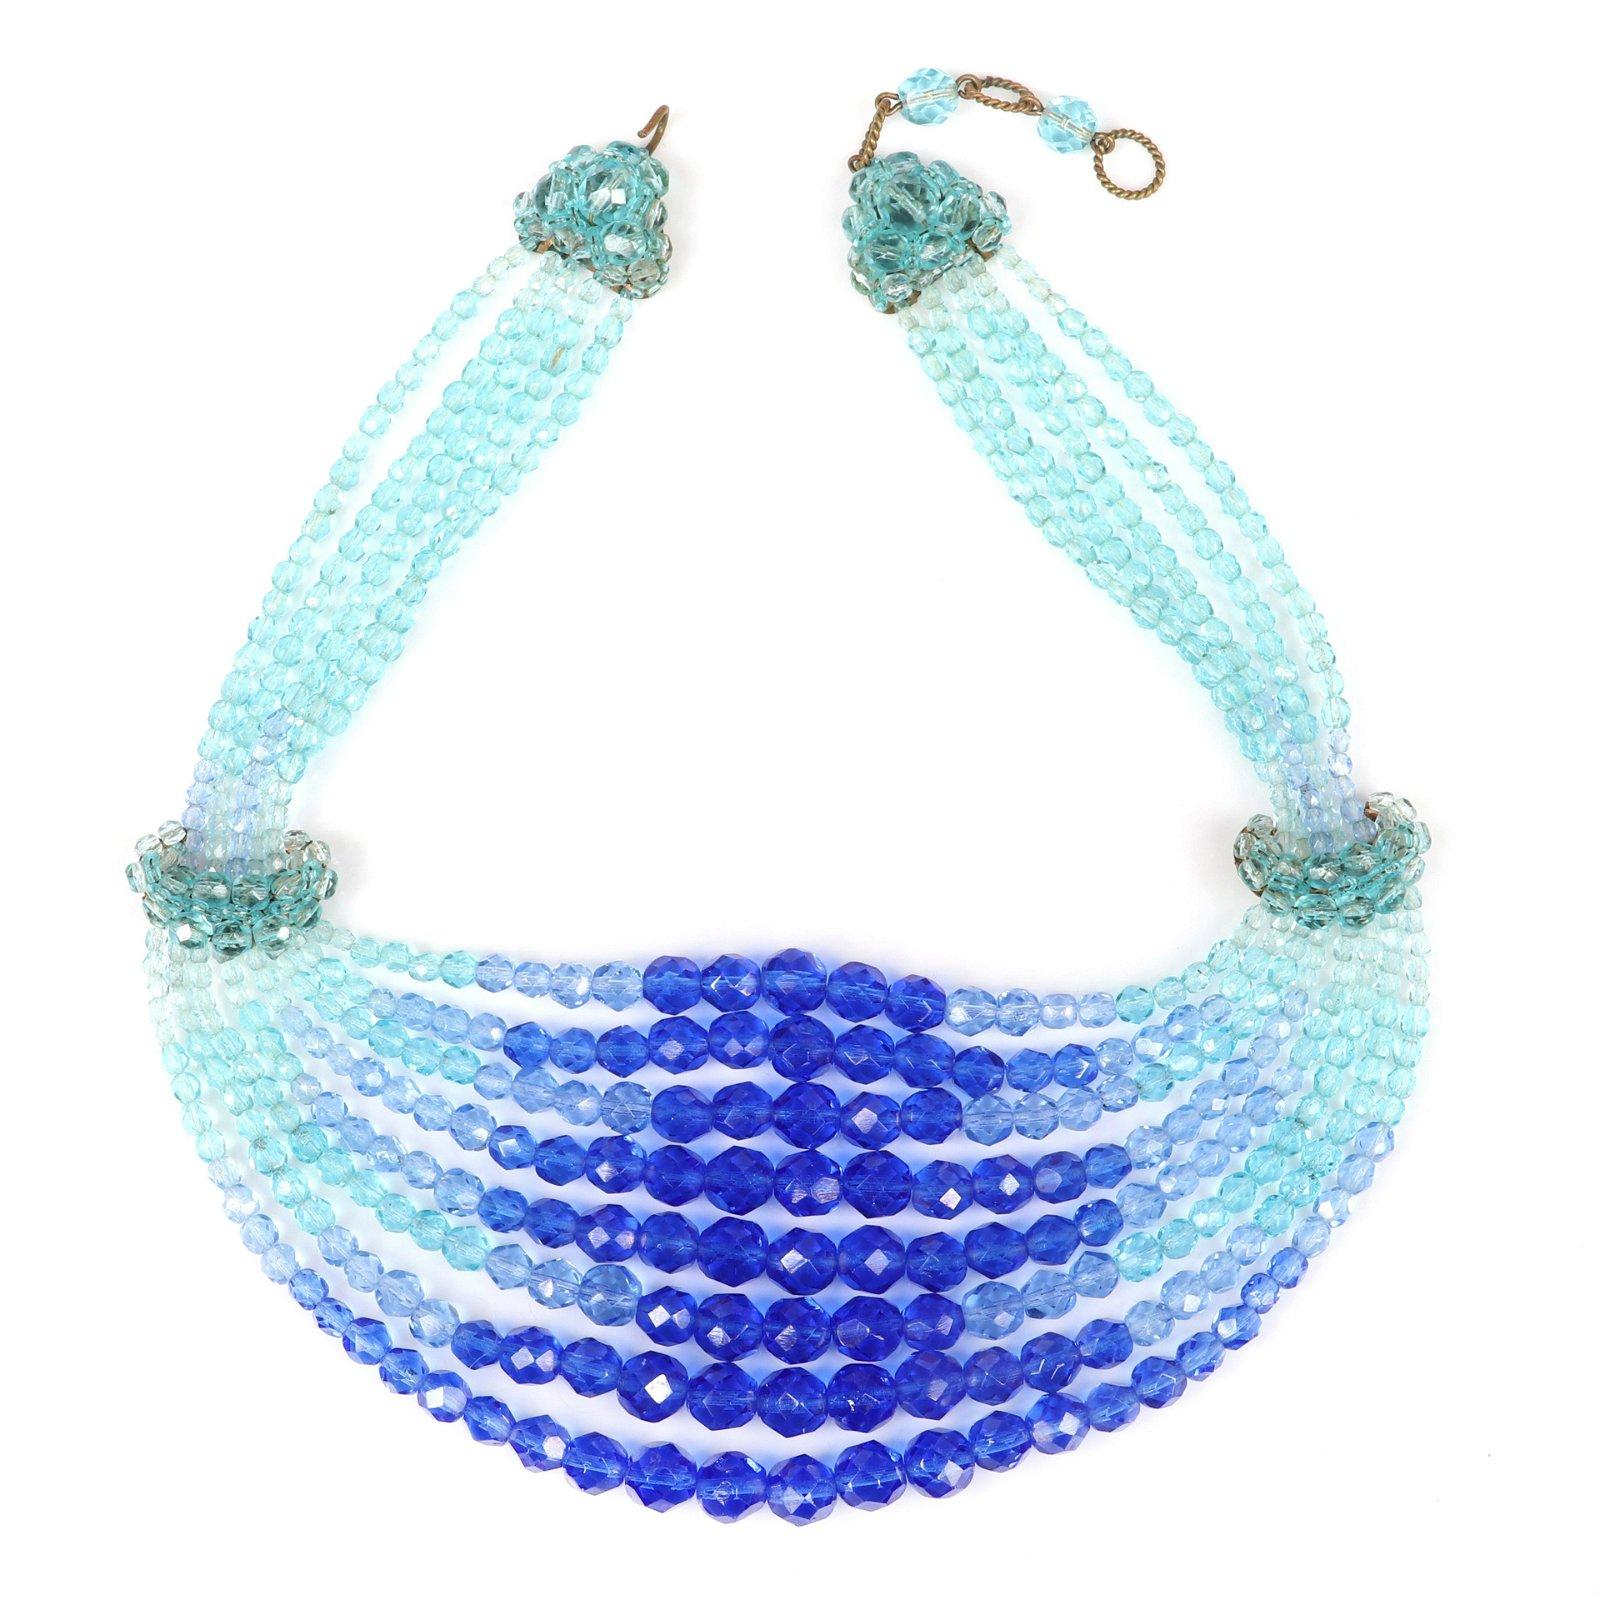 Coppola E Toppo multi strand collar bib necklace with